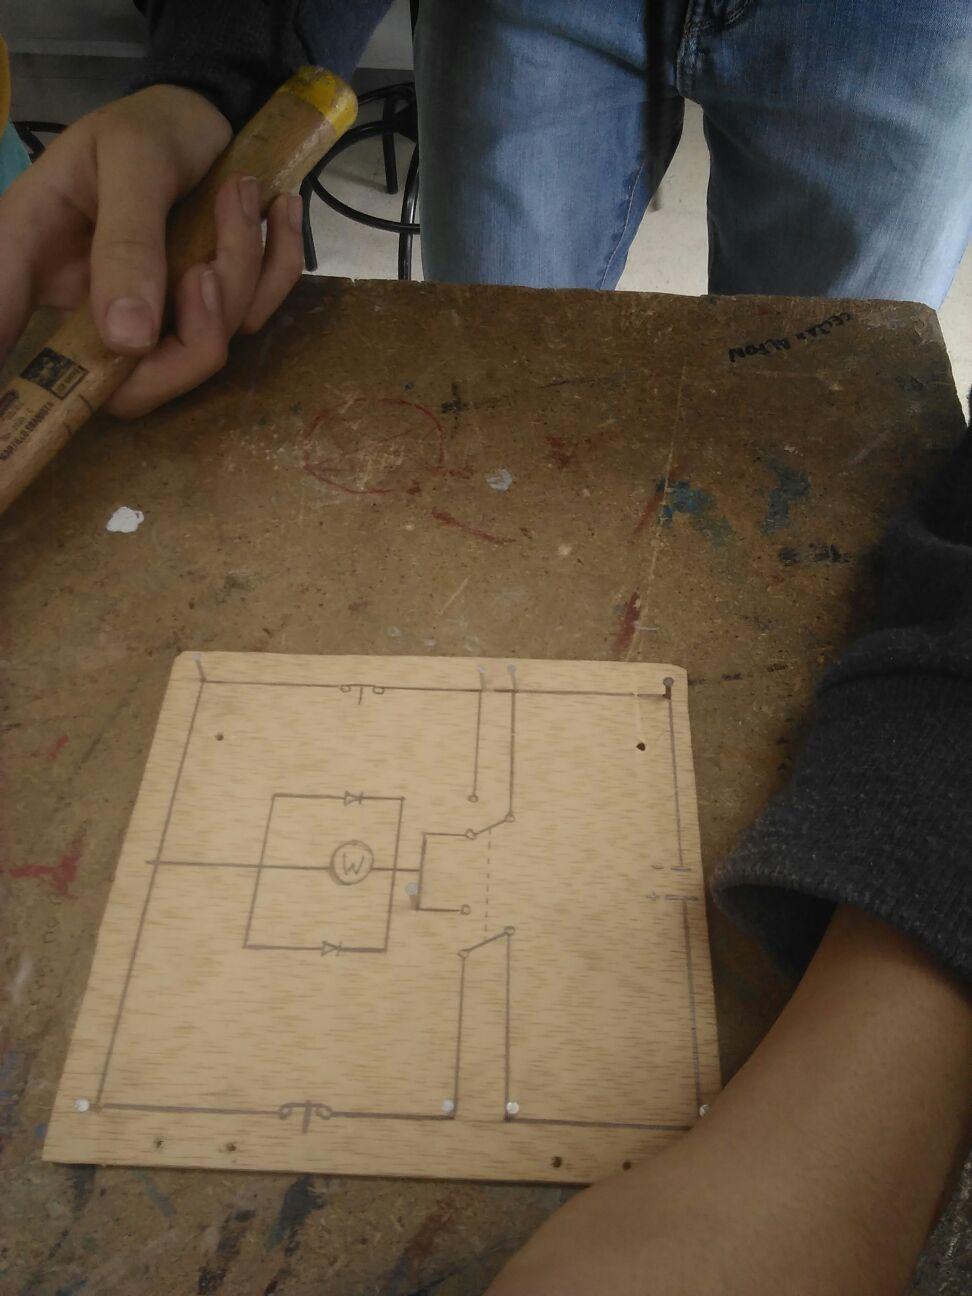 Diario de construcci n de puerta de garaje - Proyecto puerta de garaje ...